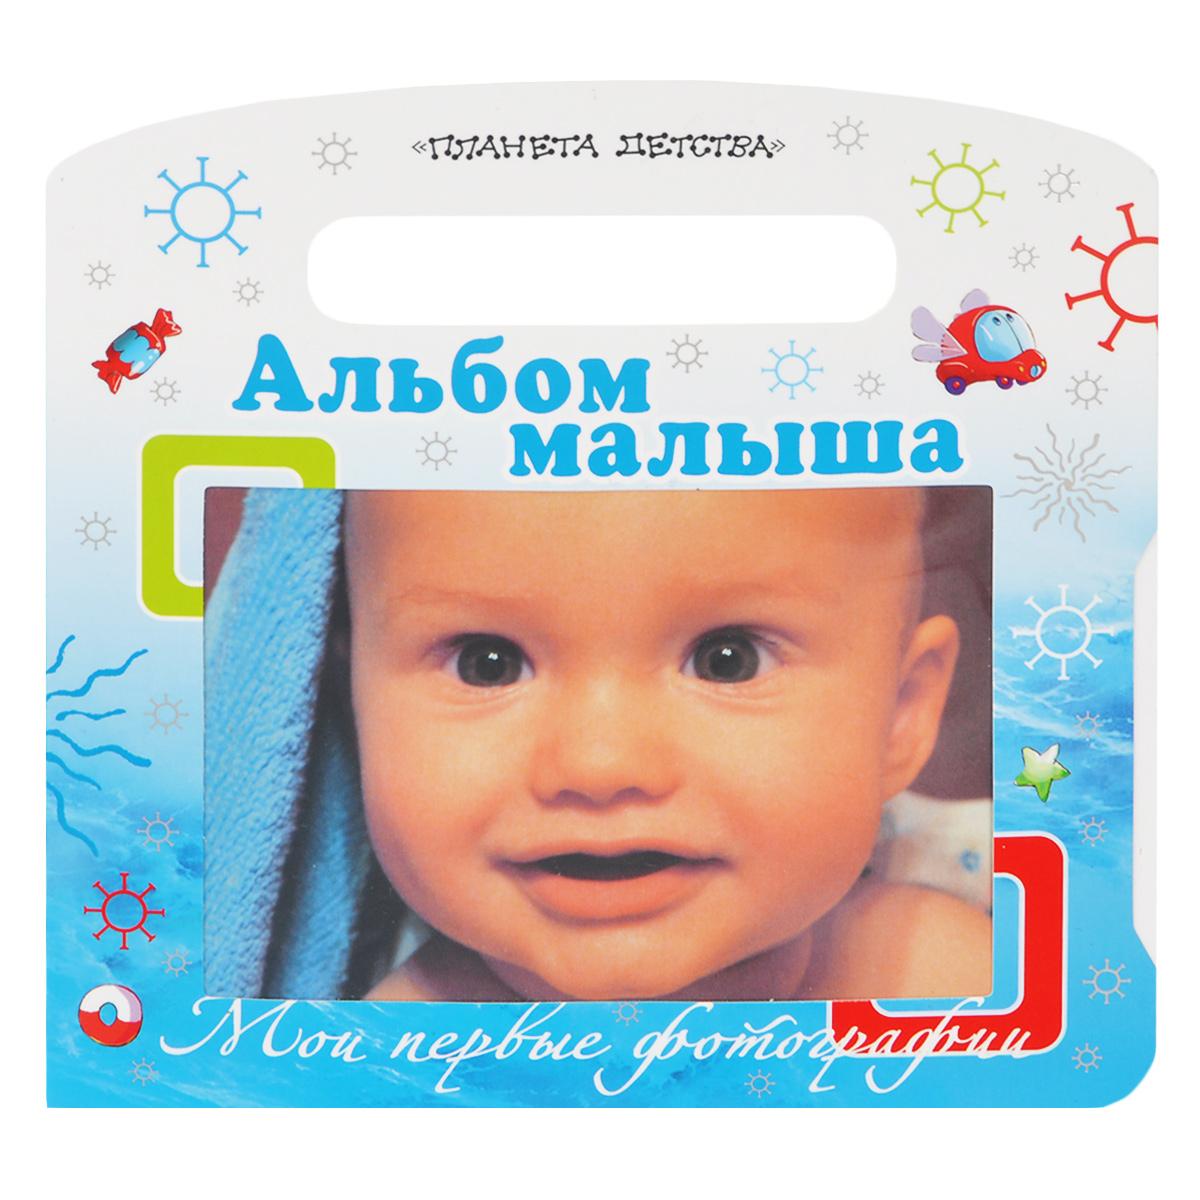 Мои первые фотографии. Альбом малыша ( 978-5-271-40545-7 )